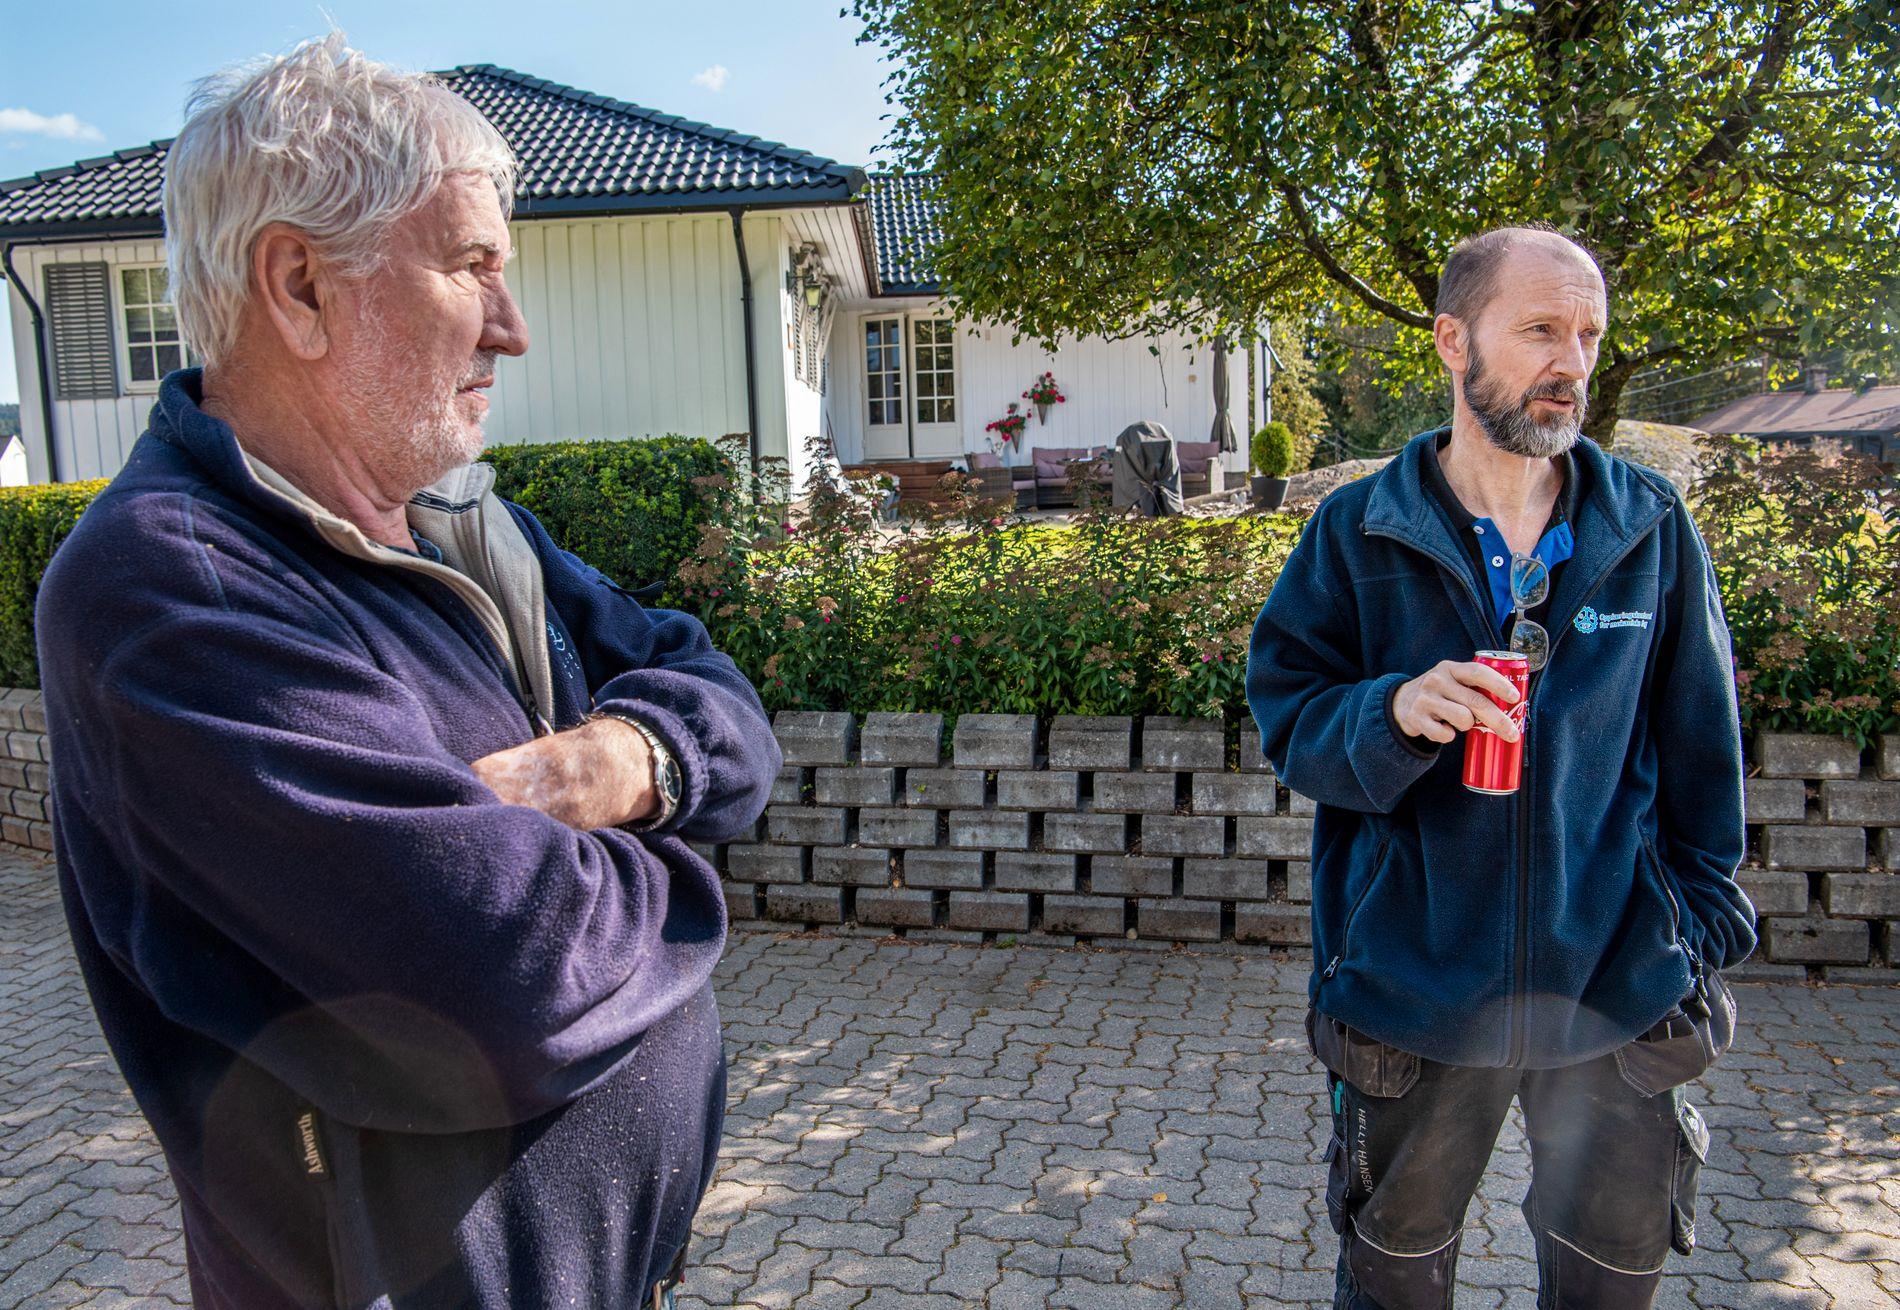 HÅPET SVINNER: Tore Skansen (til venstre) og sønn Tommy Skansen håper inderlig på at naboen kommer tilbake, men med tiden svinner håpet.